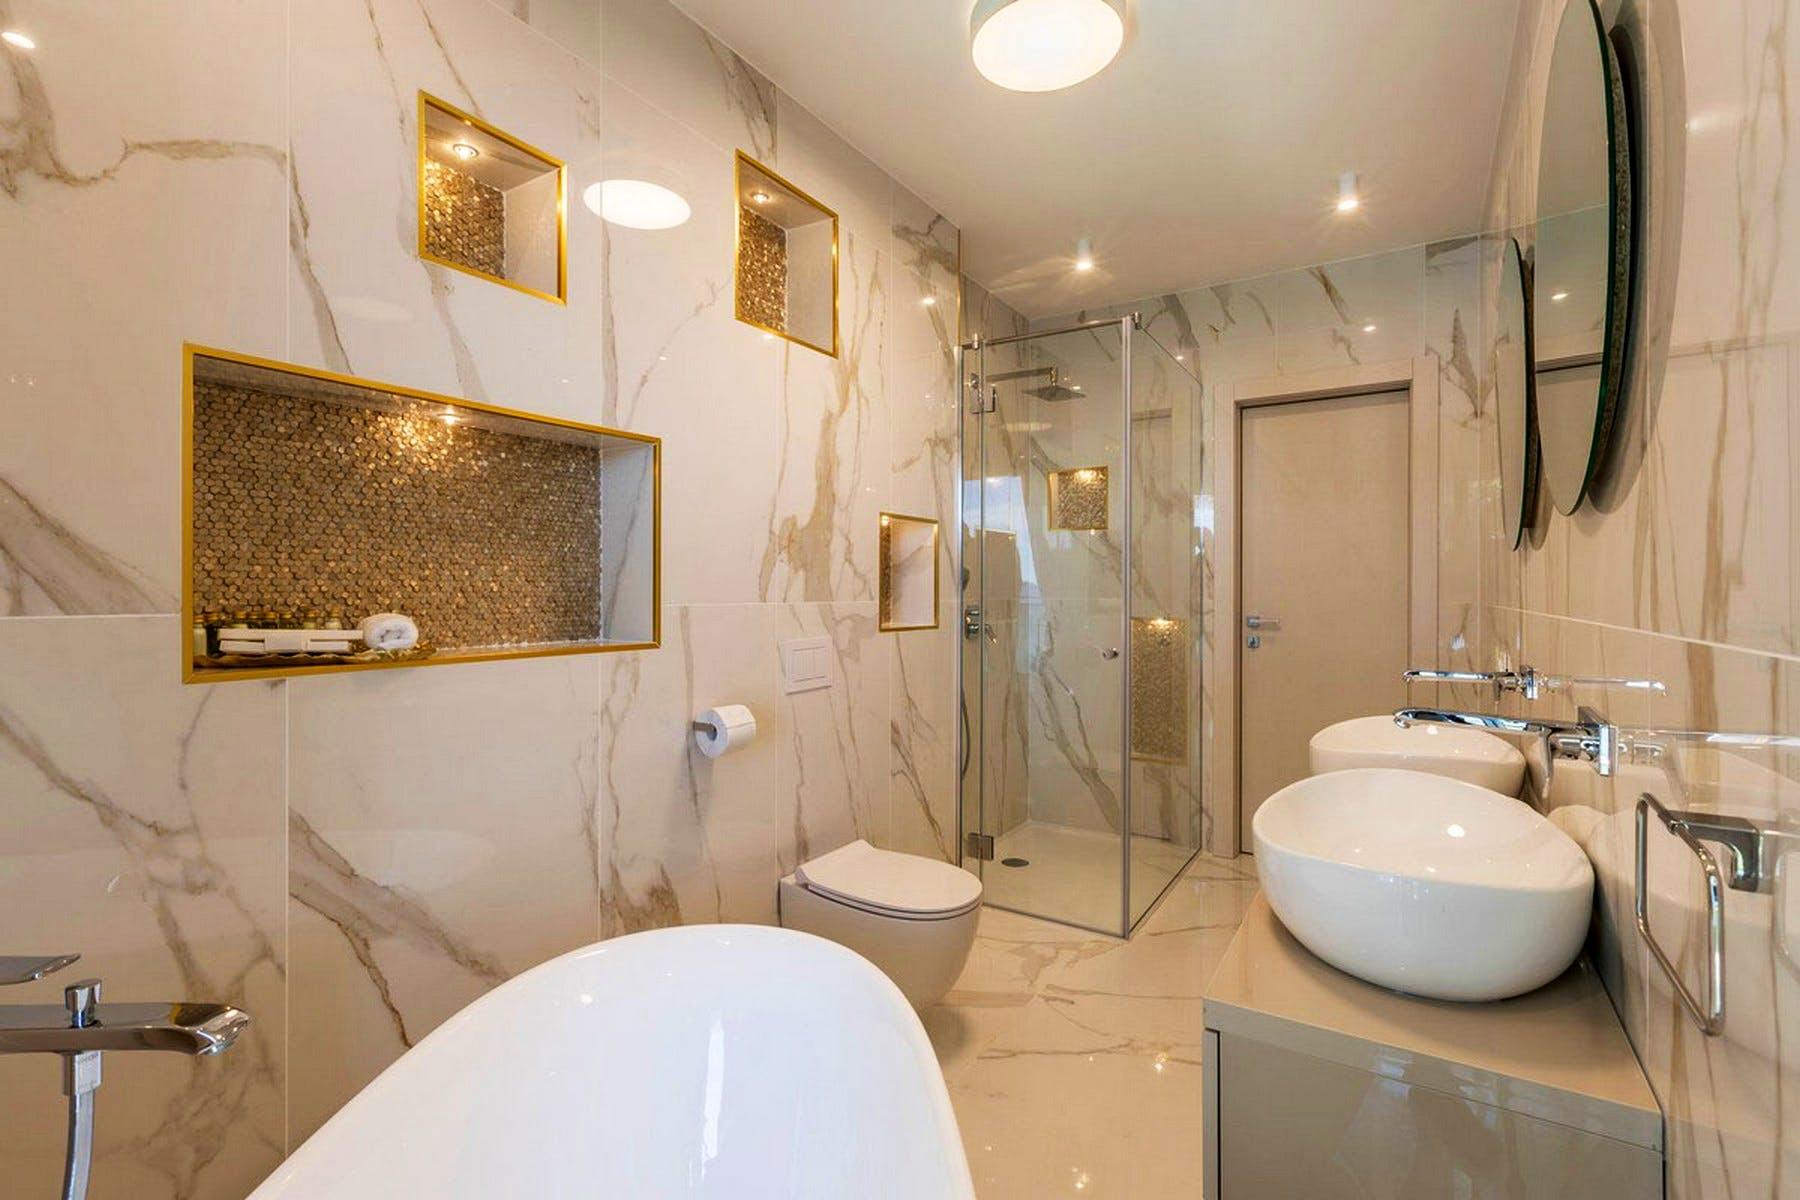 High-end decor of the bathroom